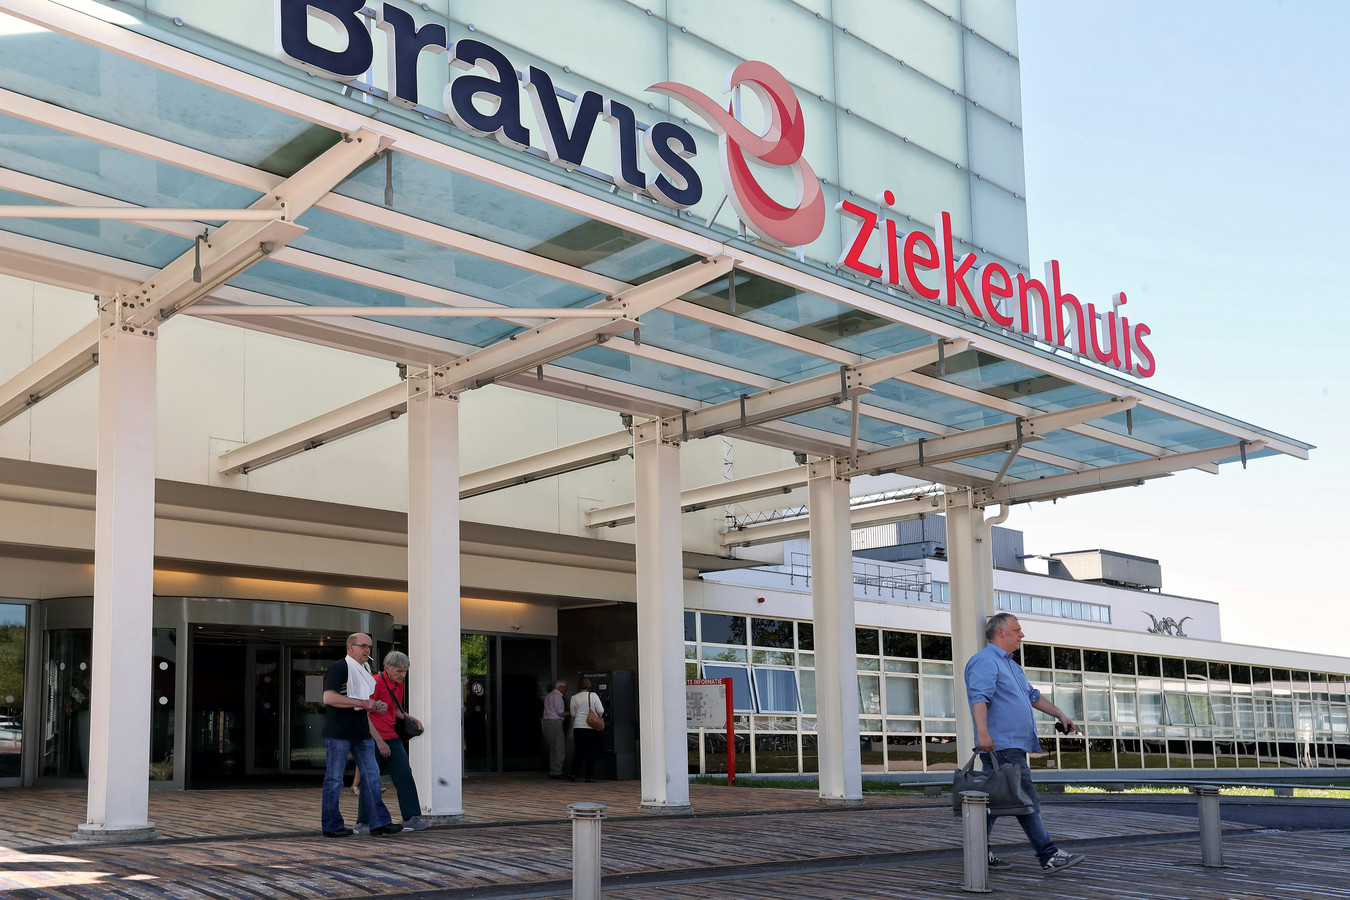 De hoofdingang van het huidige Bravis ziekenhuis in Bergen op Zoom